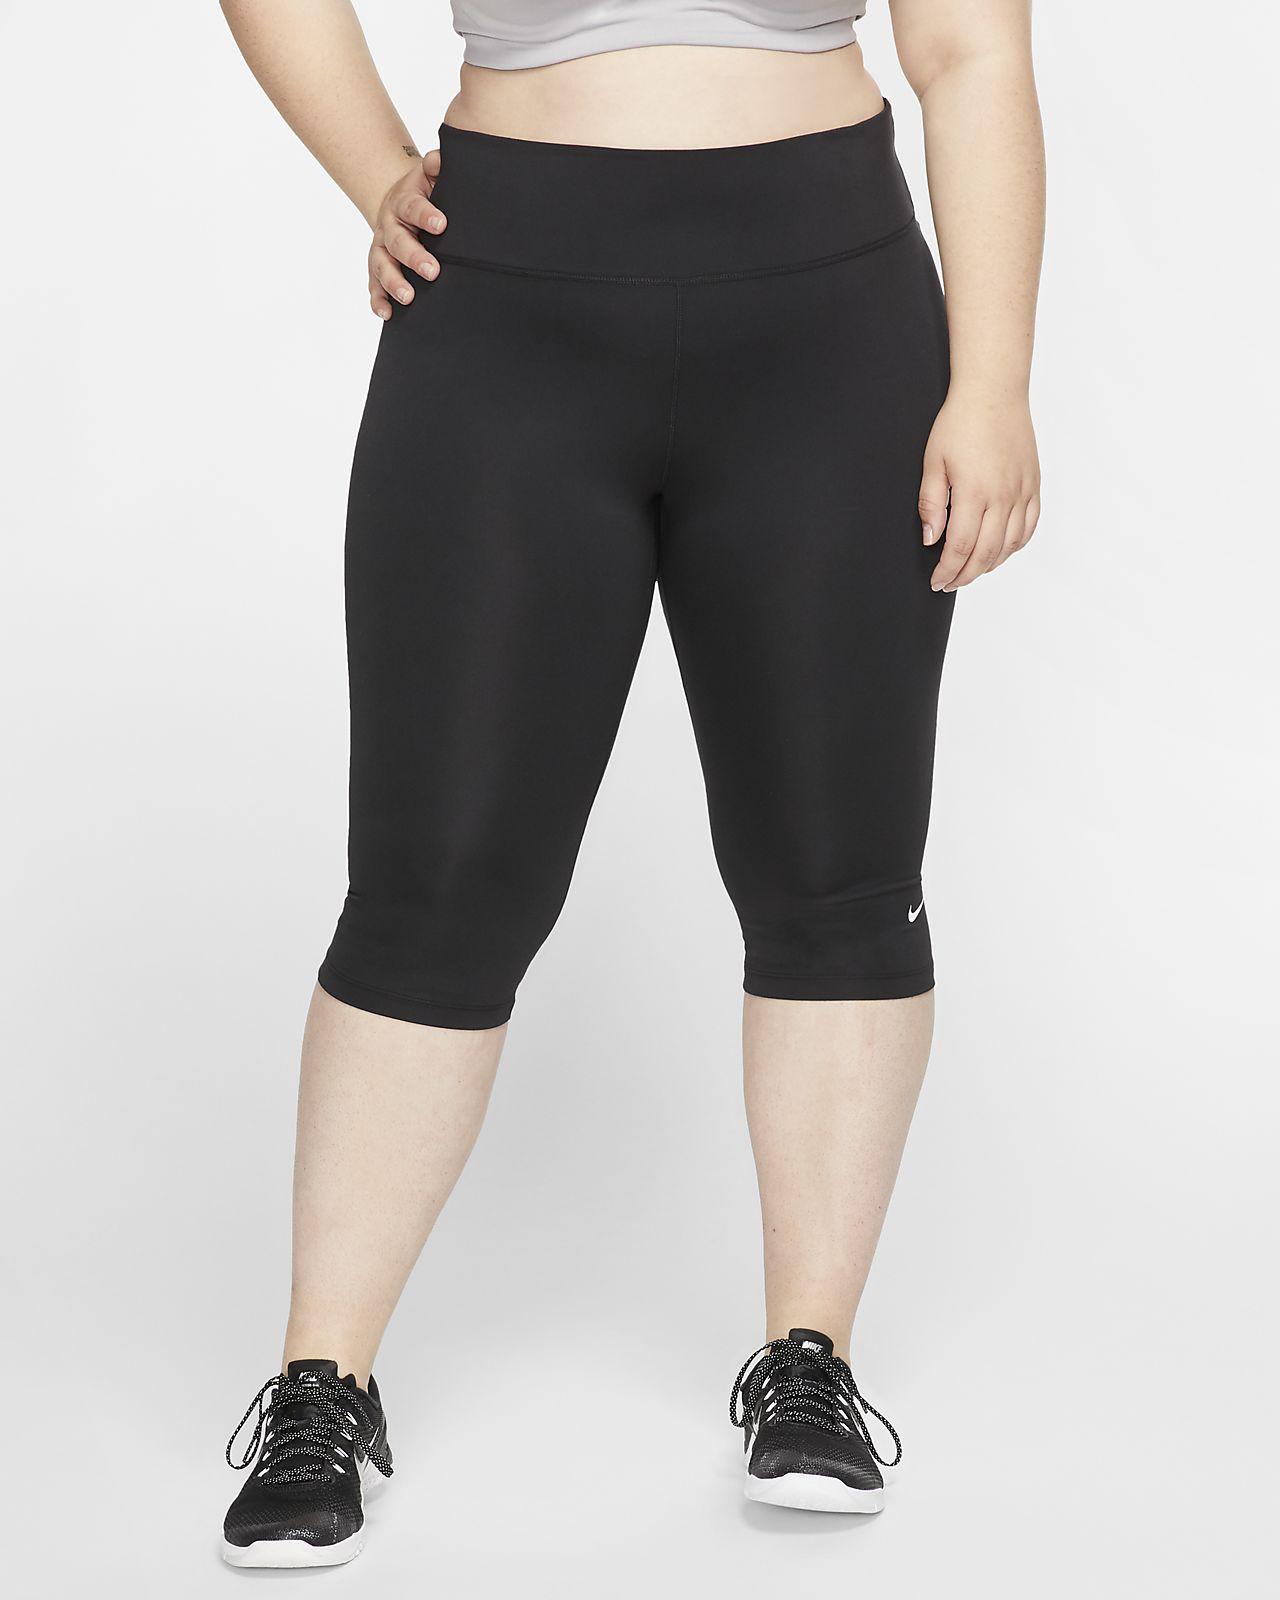 Capris Nike One para mulher (tamanhos grandes)